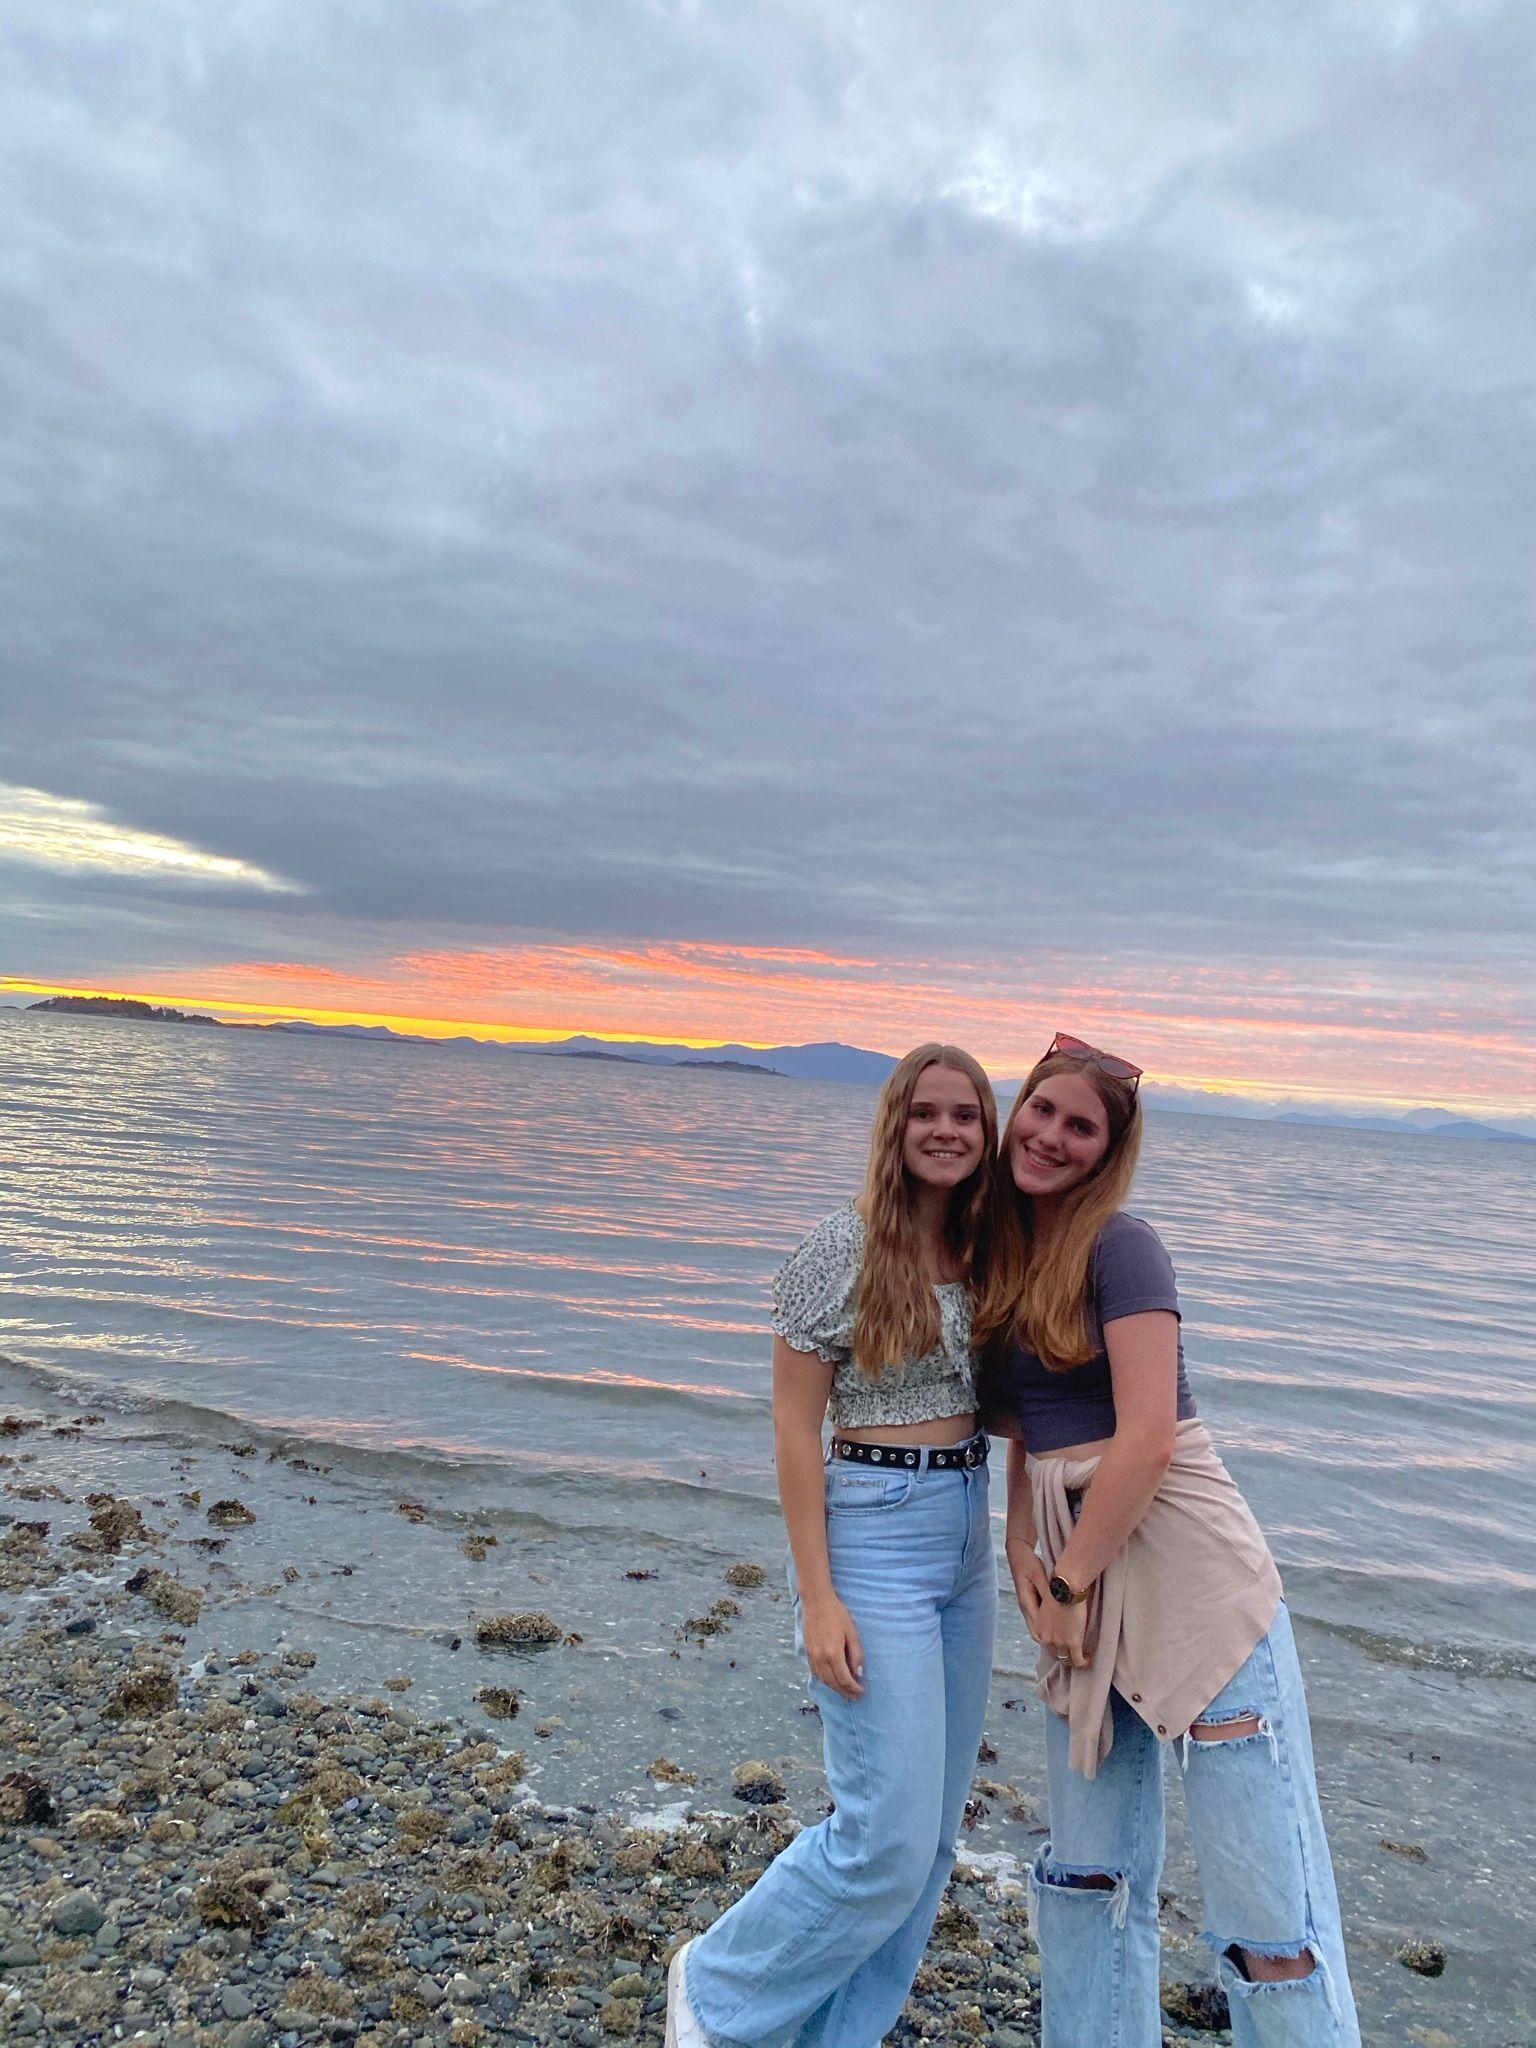 Zwei Teilnehmerinnen am See bei Sonnenuntergang